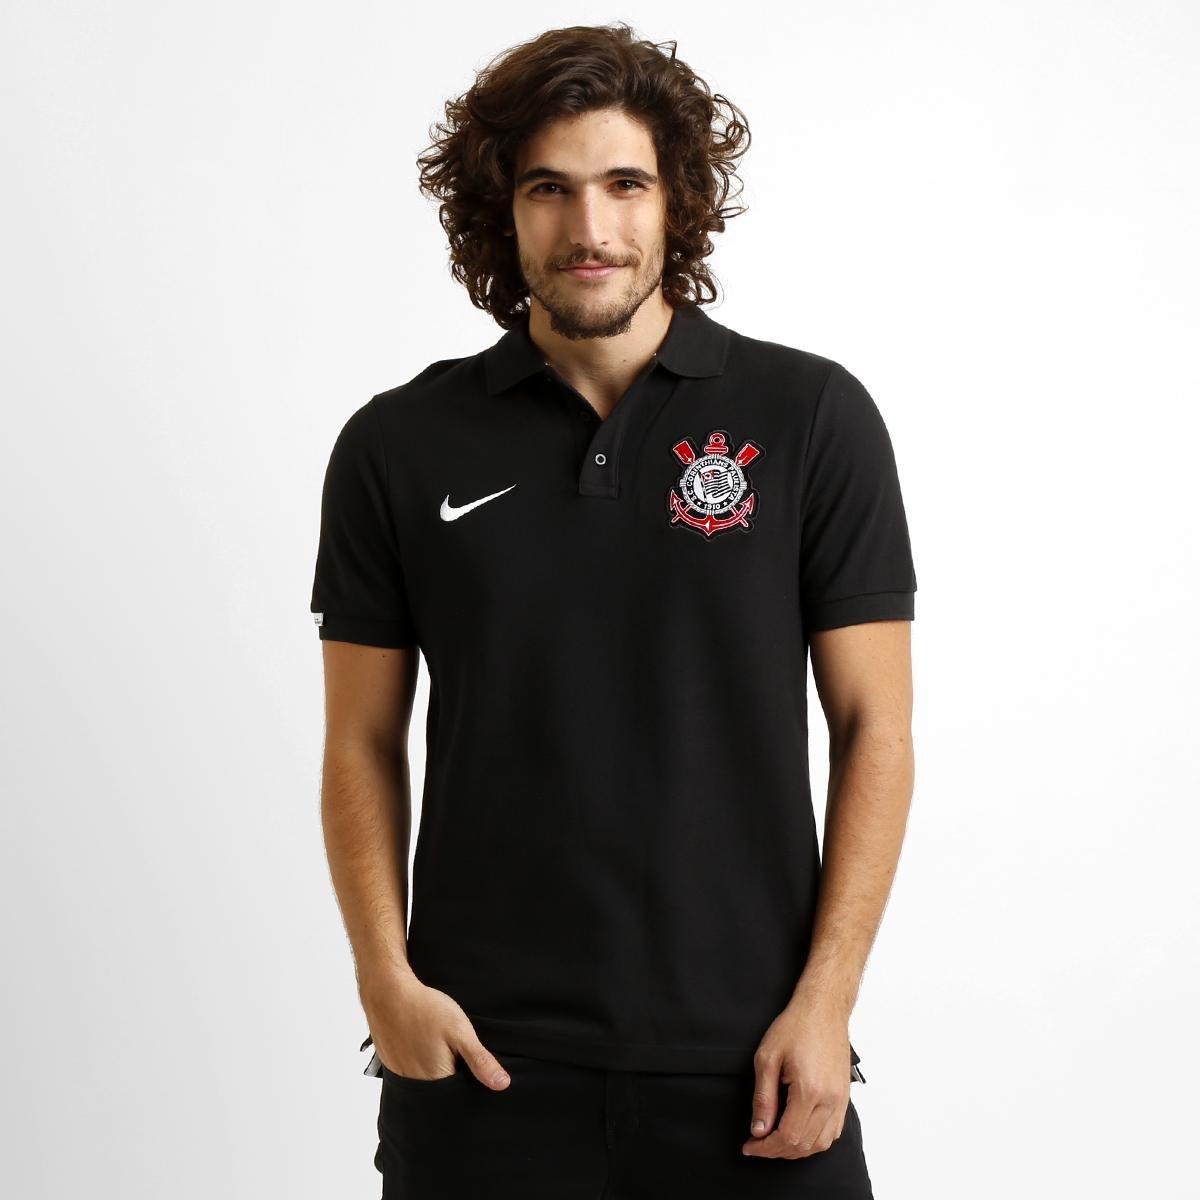 Camisa Polo Nike Corinthians Matchup Core - Compre Agora  a3d17d6ead59f